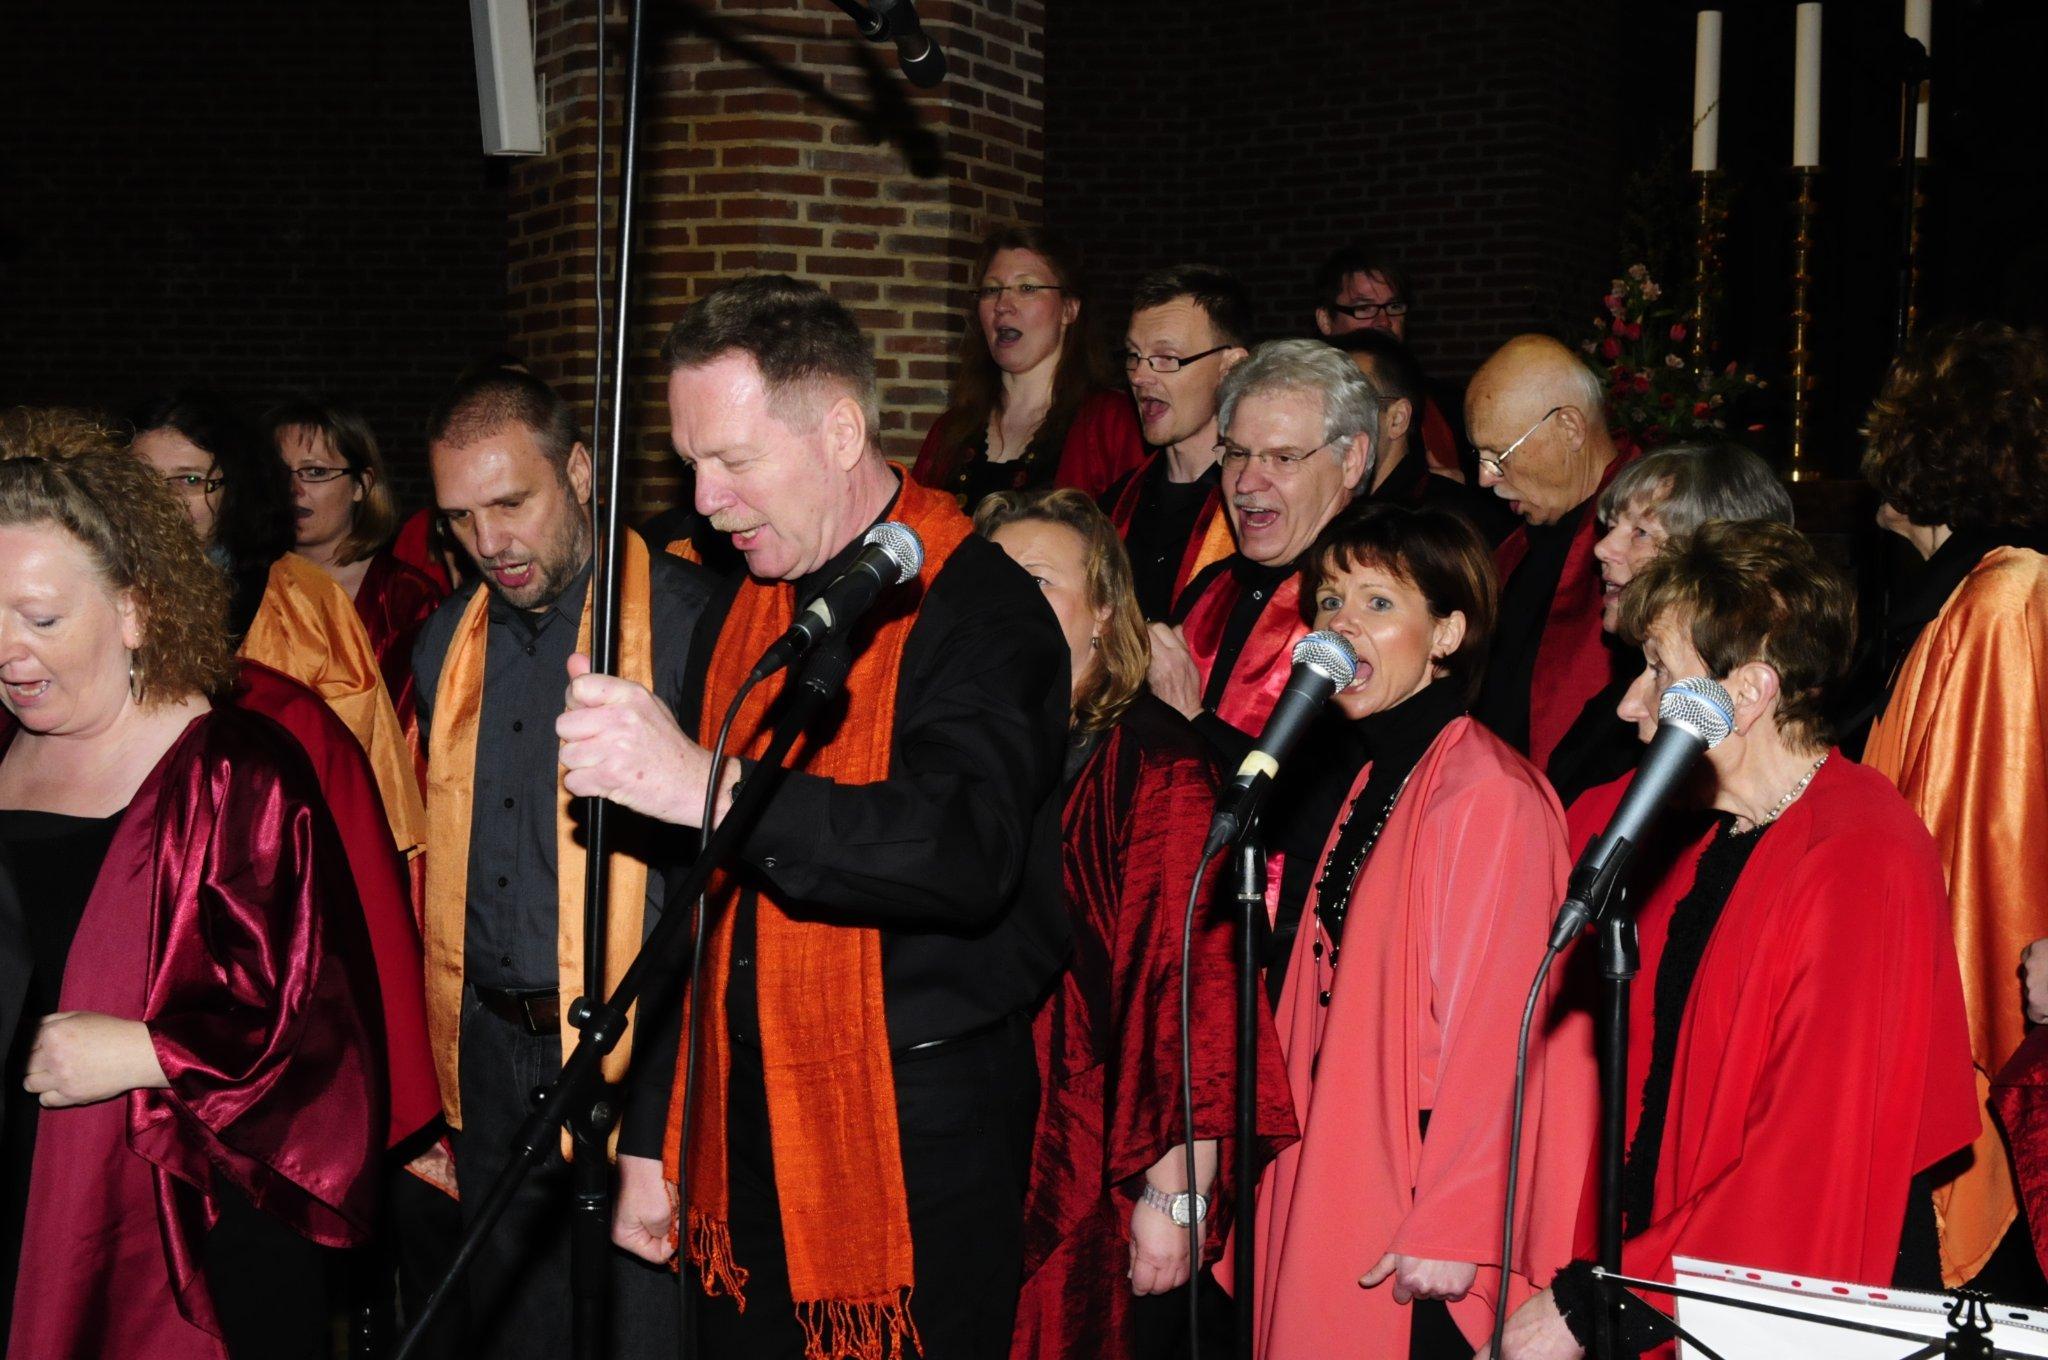 20120422 Reformations Gedaechtniskirche 73